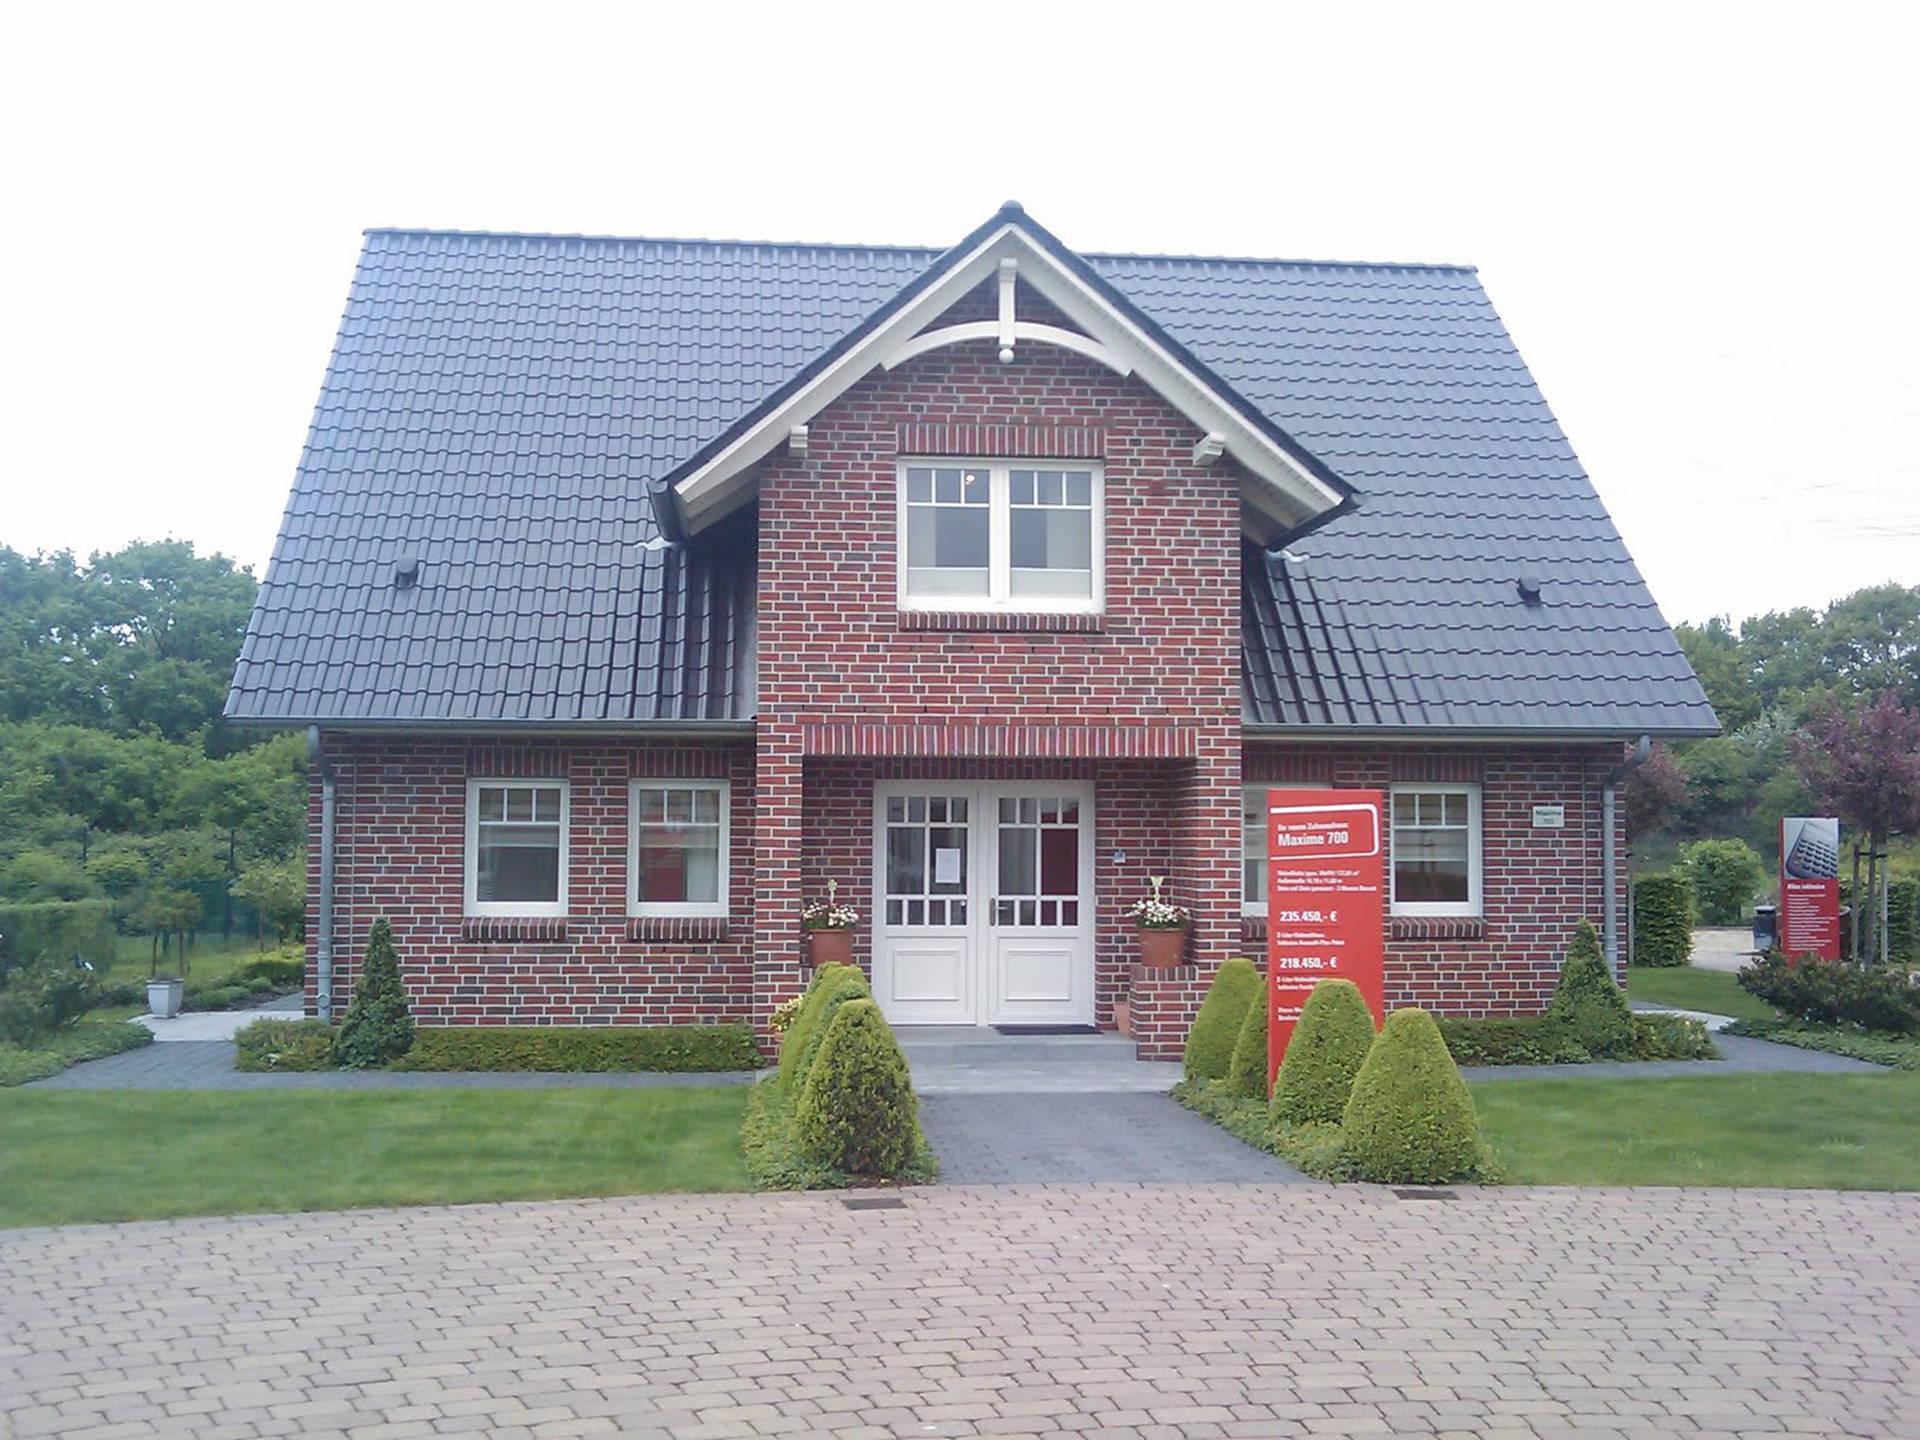 Musterhauspark Kaarst